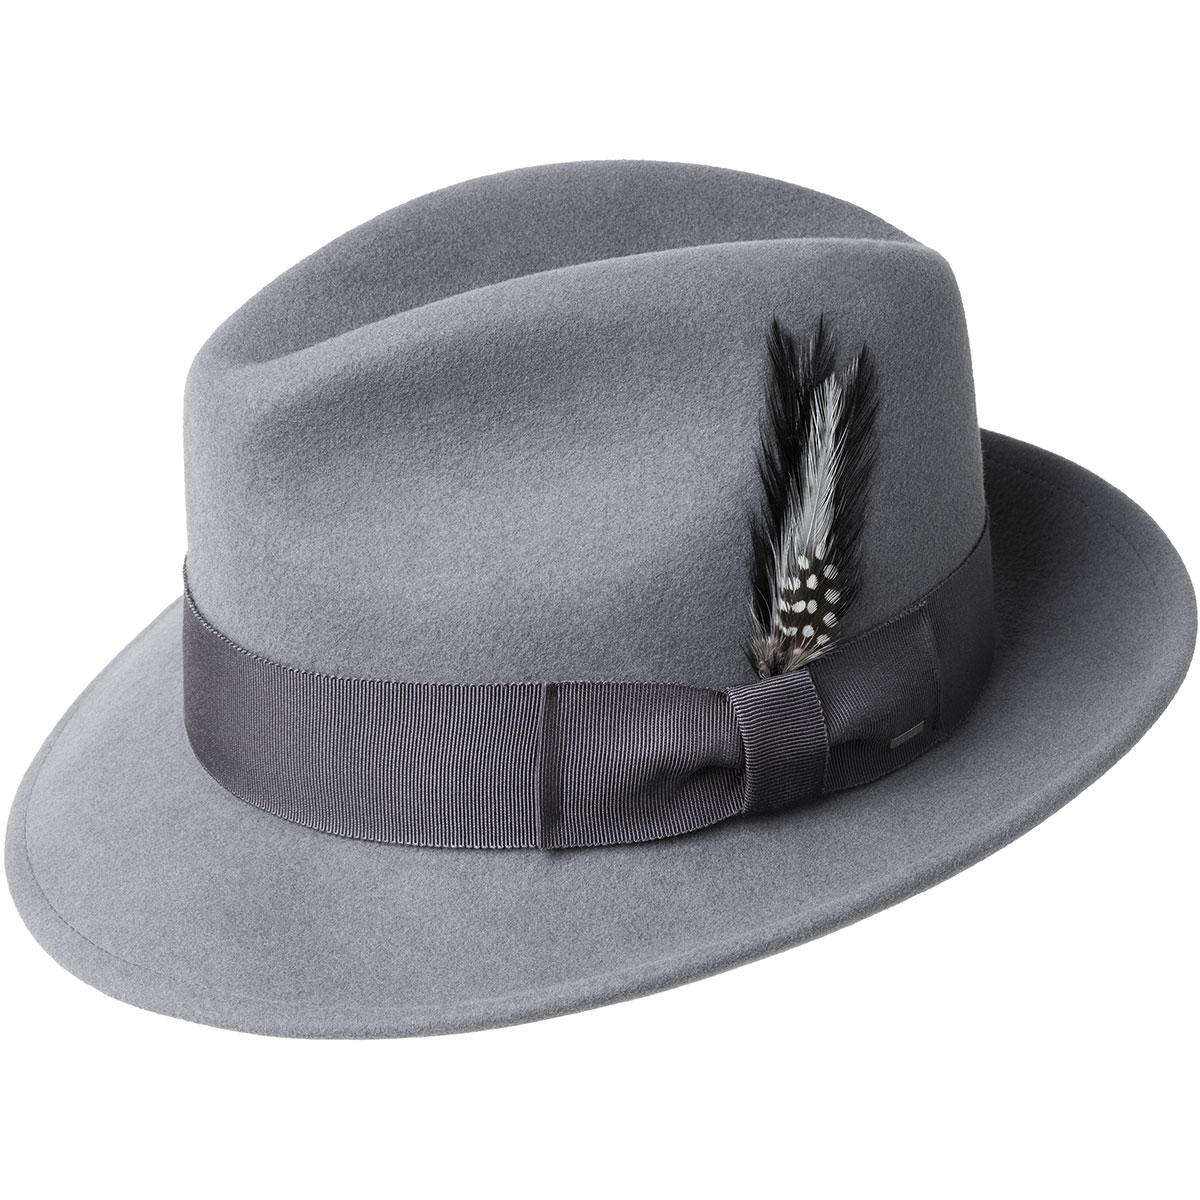 1950s Mens Hats | 50s Vintage Men's Hats Blixen Limited Edition Fedora $98.00 AT vintagedancer.com